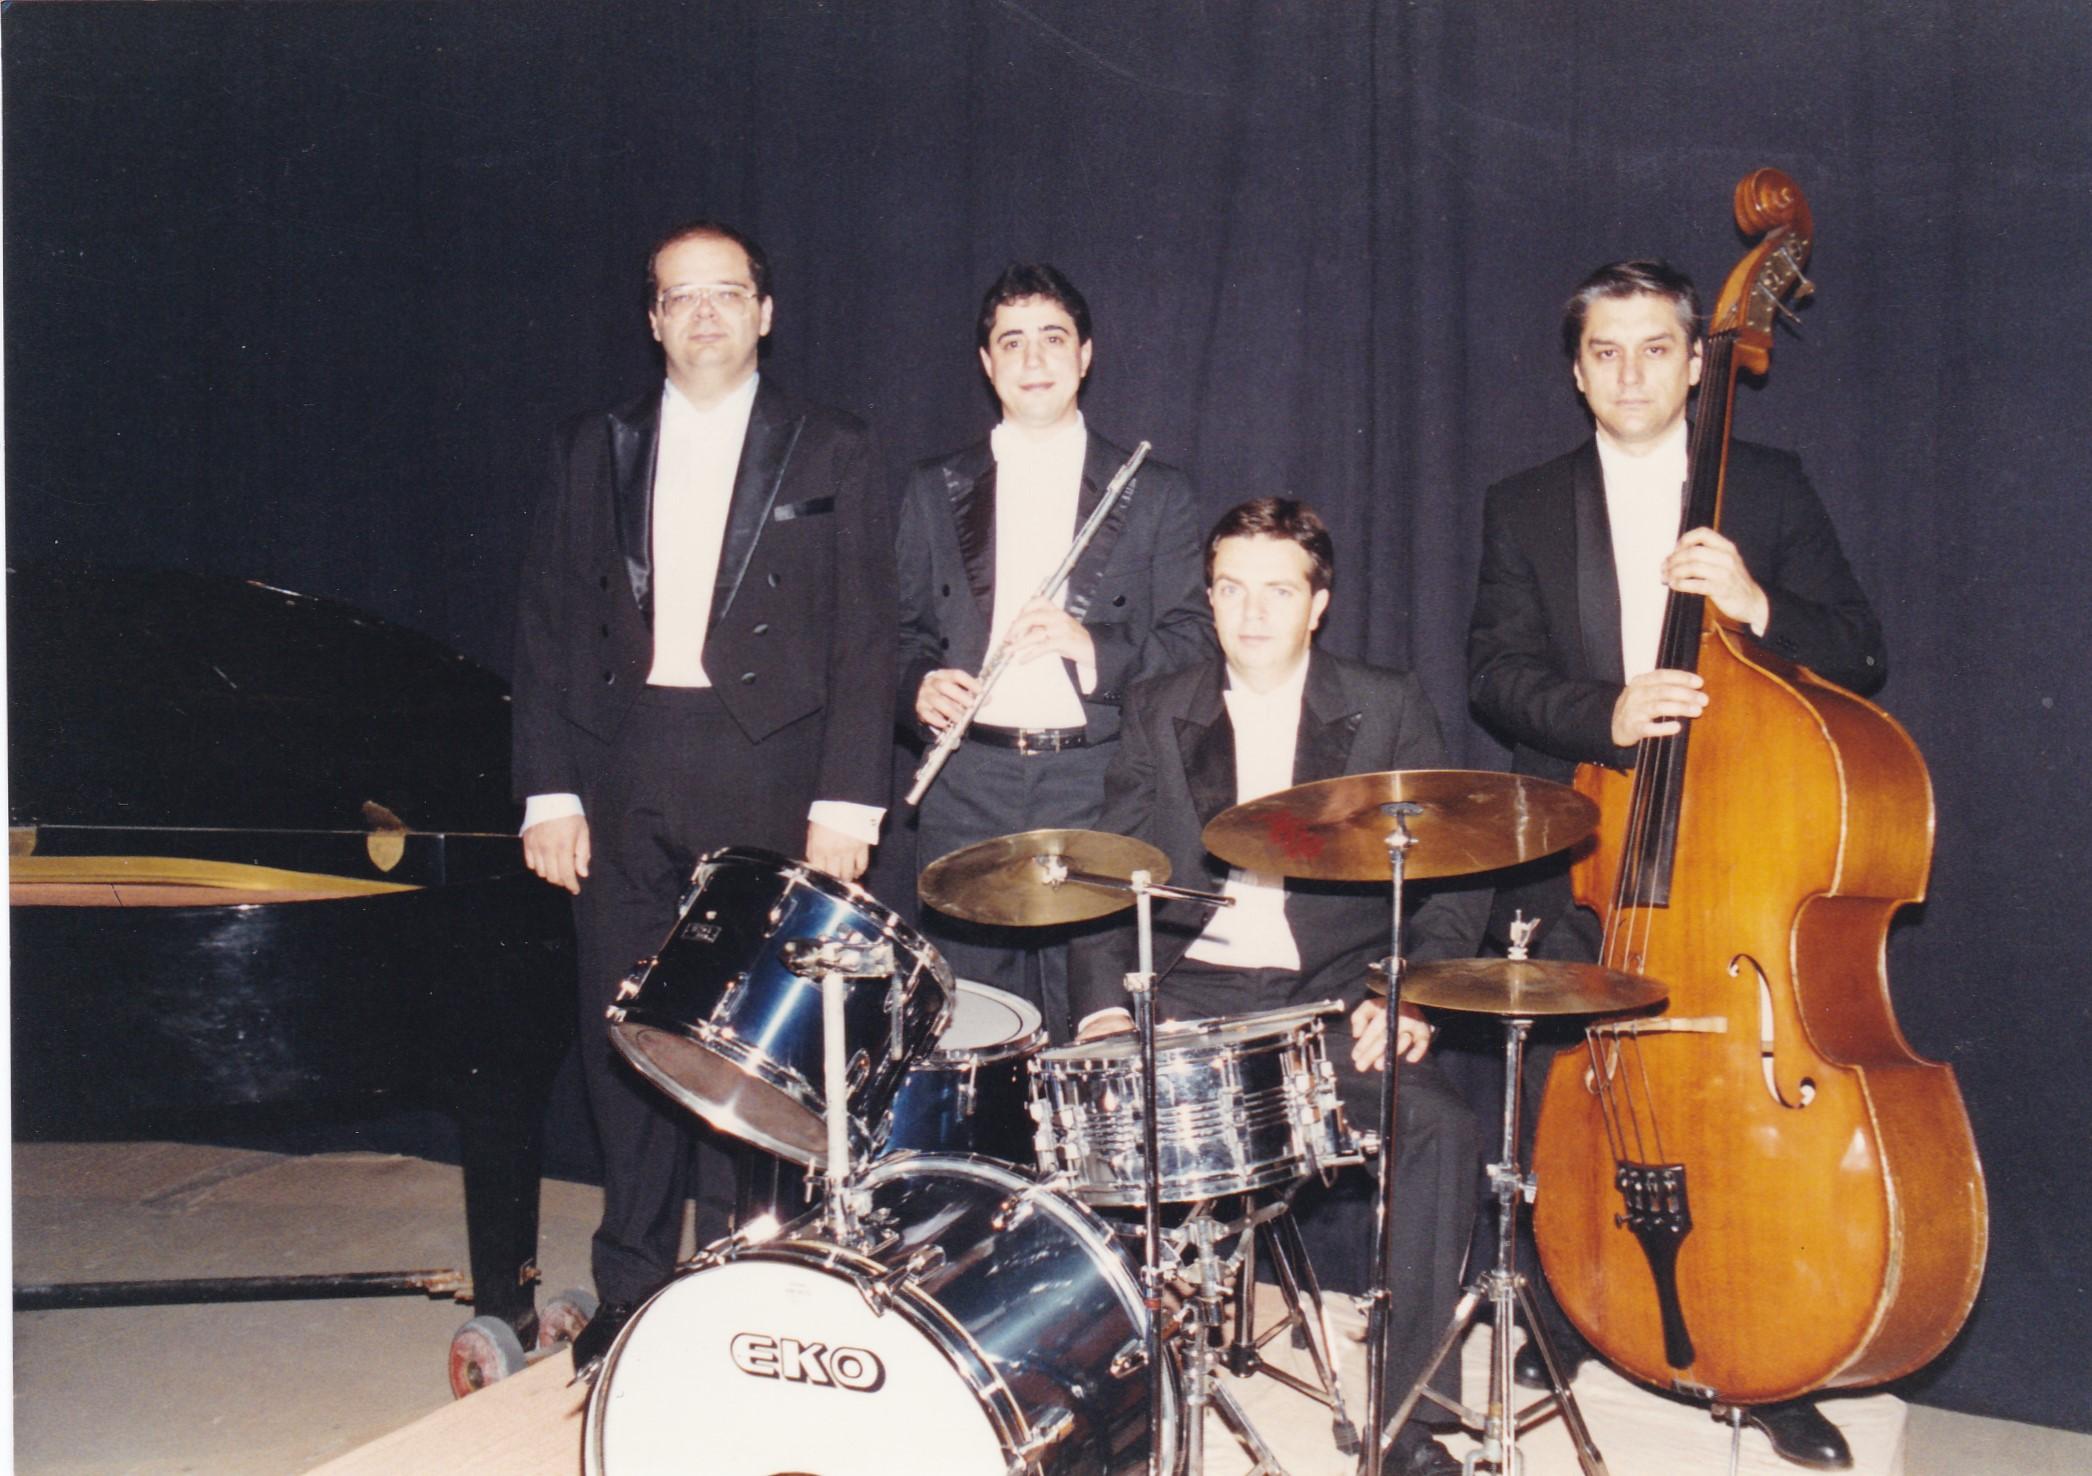 Fernando - Bolling Quartet (2)- Oradea - 1993 - 31 anni